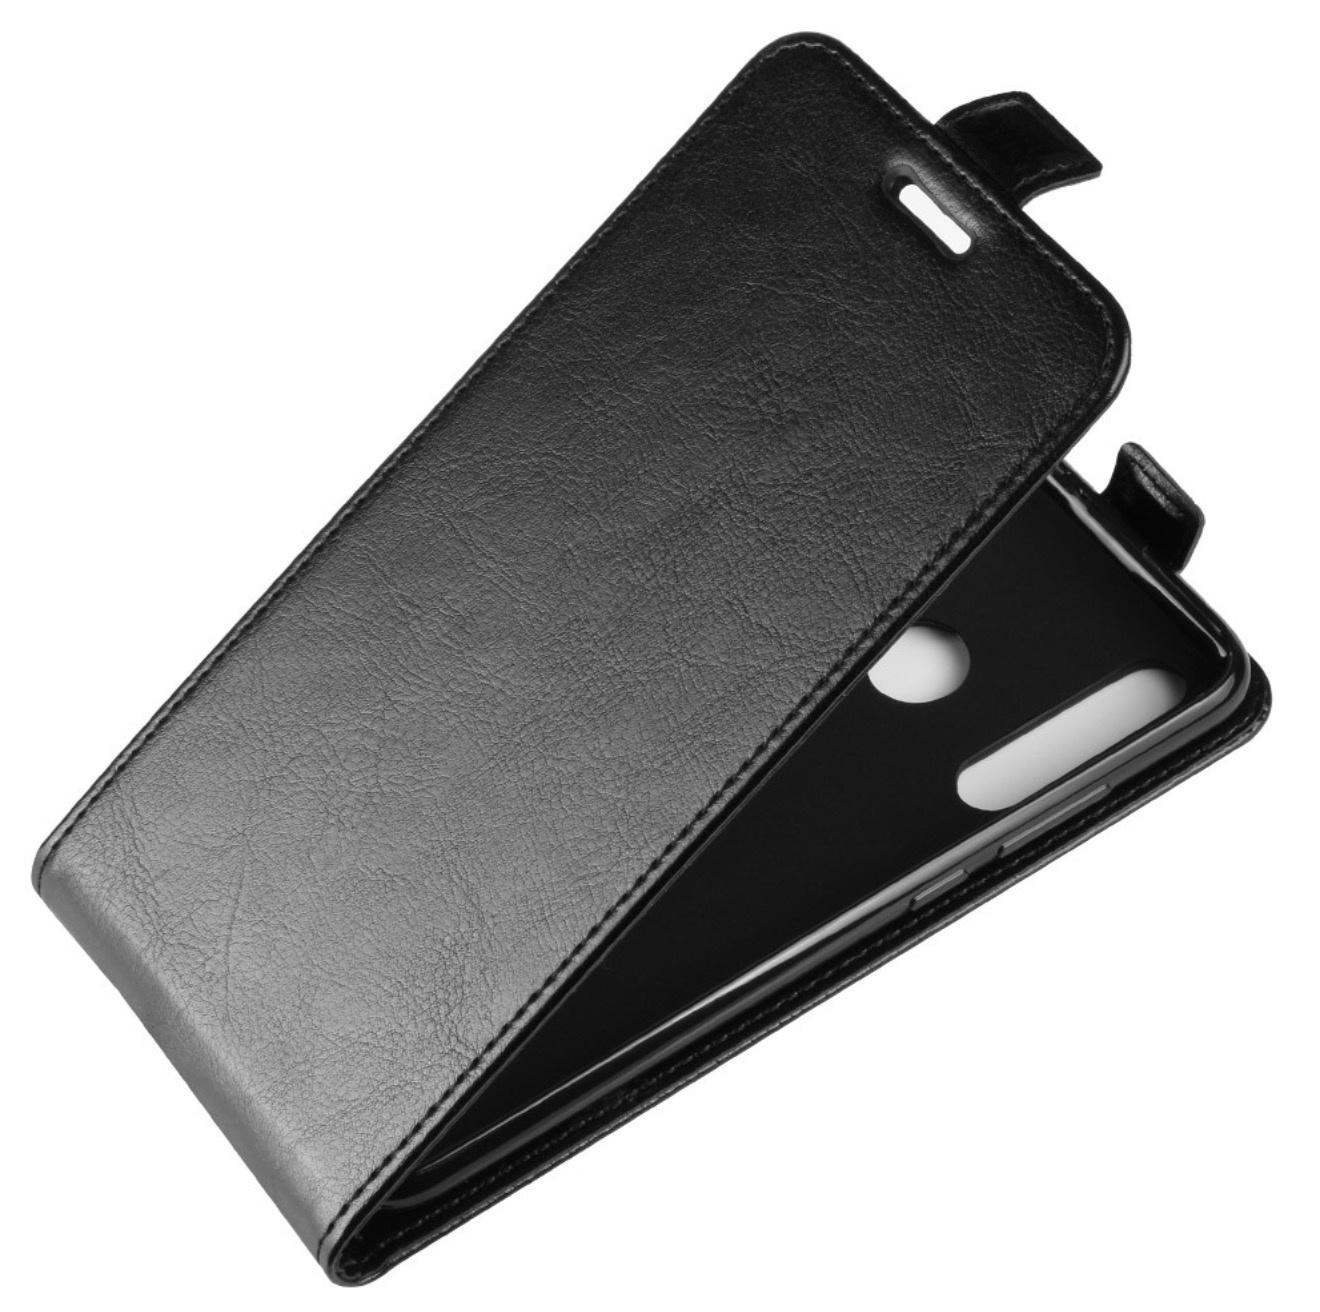 Чехол-флип MyPads для Lenovo K3/K30/A6000/ A6010 Plus вертикальный откидной черный аккумулятор для телефона craftmann bl242 для lenovo a6000 a6010 a6010 plus a2020 k3 k30 t vibe c